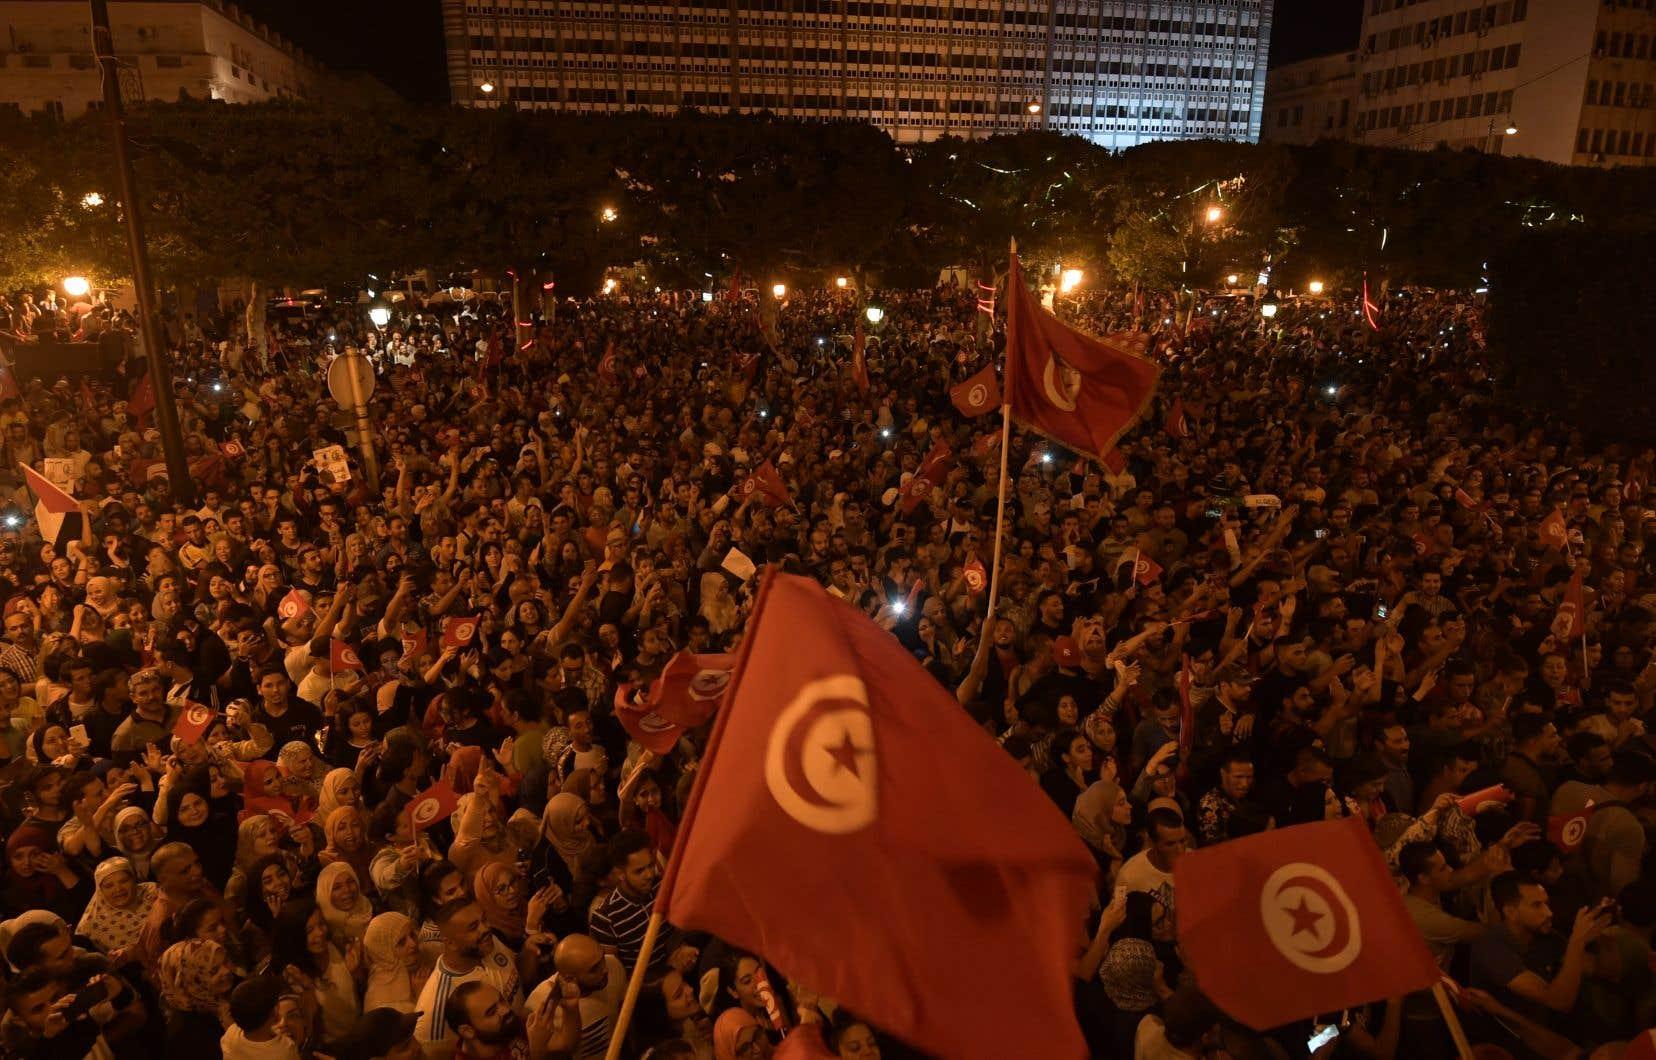 Youyous, fumigènes, klaxons... une foule en liesse a envahi dimanche soir l'avenue Bourguiba, au coeur de Tunis, quelques instants à peine après la publication de sondages annonçant la victoire triomphale de l'outsider Kais Saied à la présidentielle tunisienne.